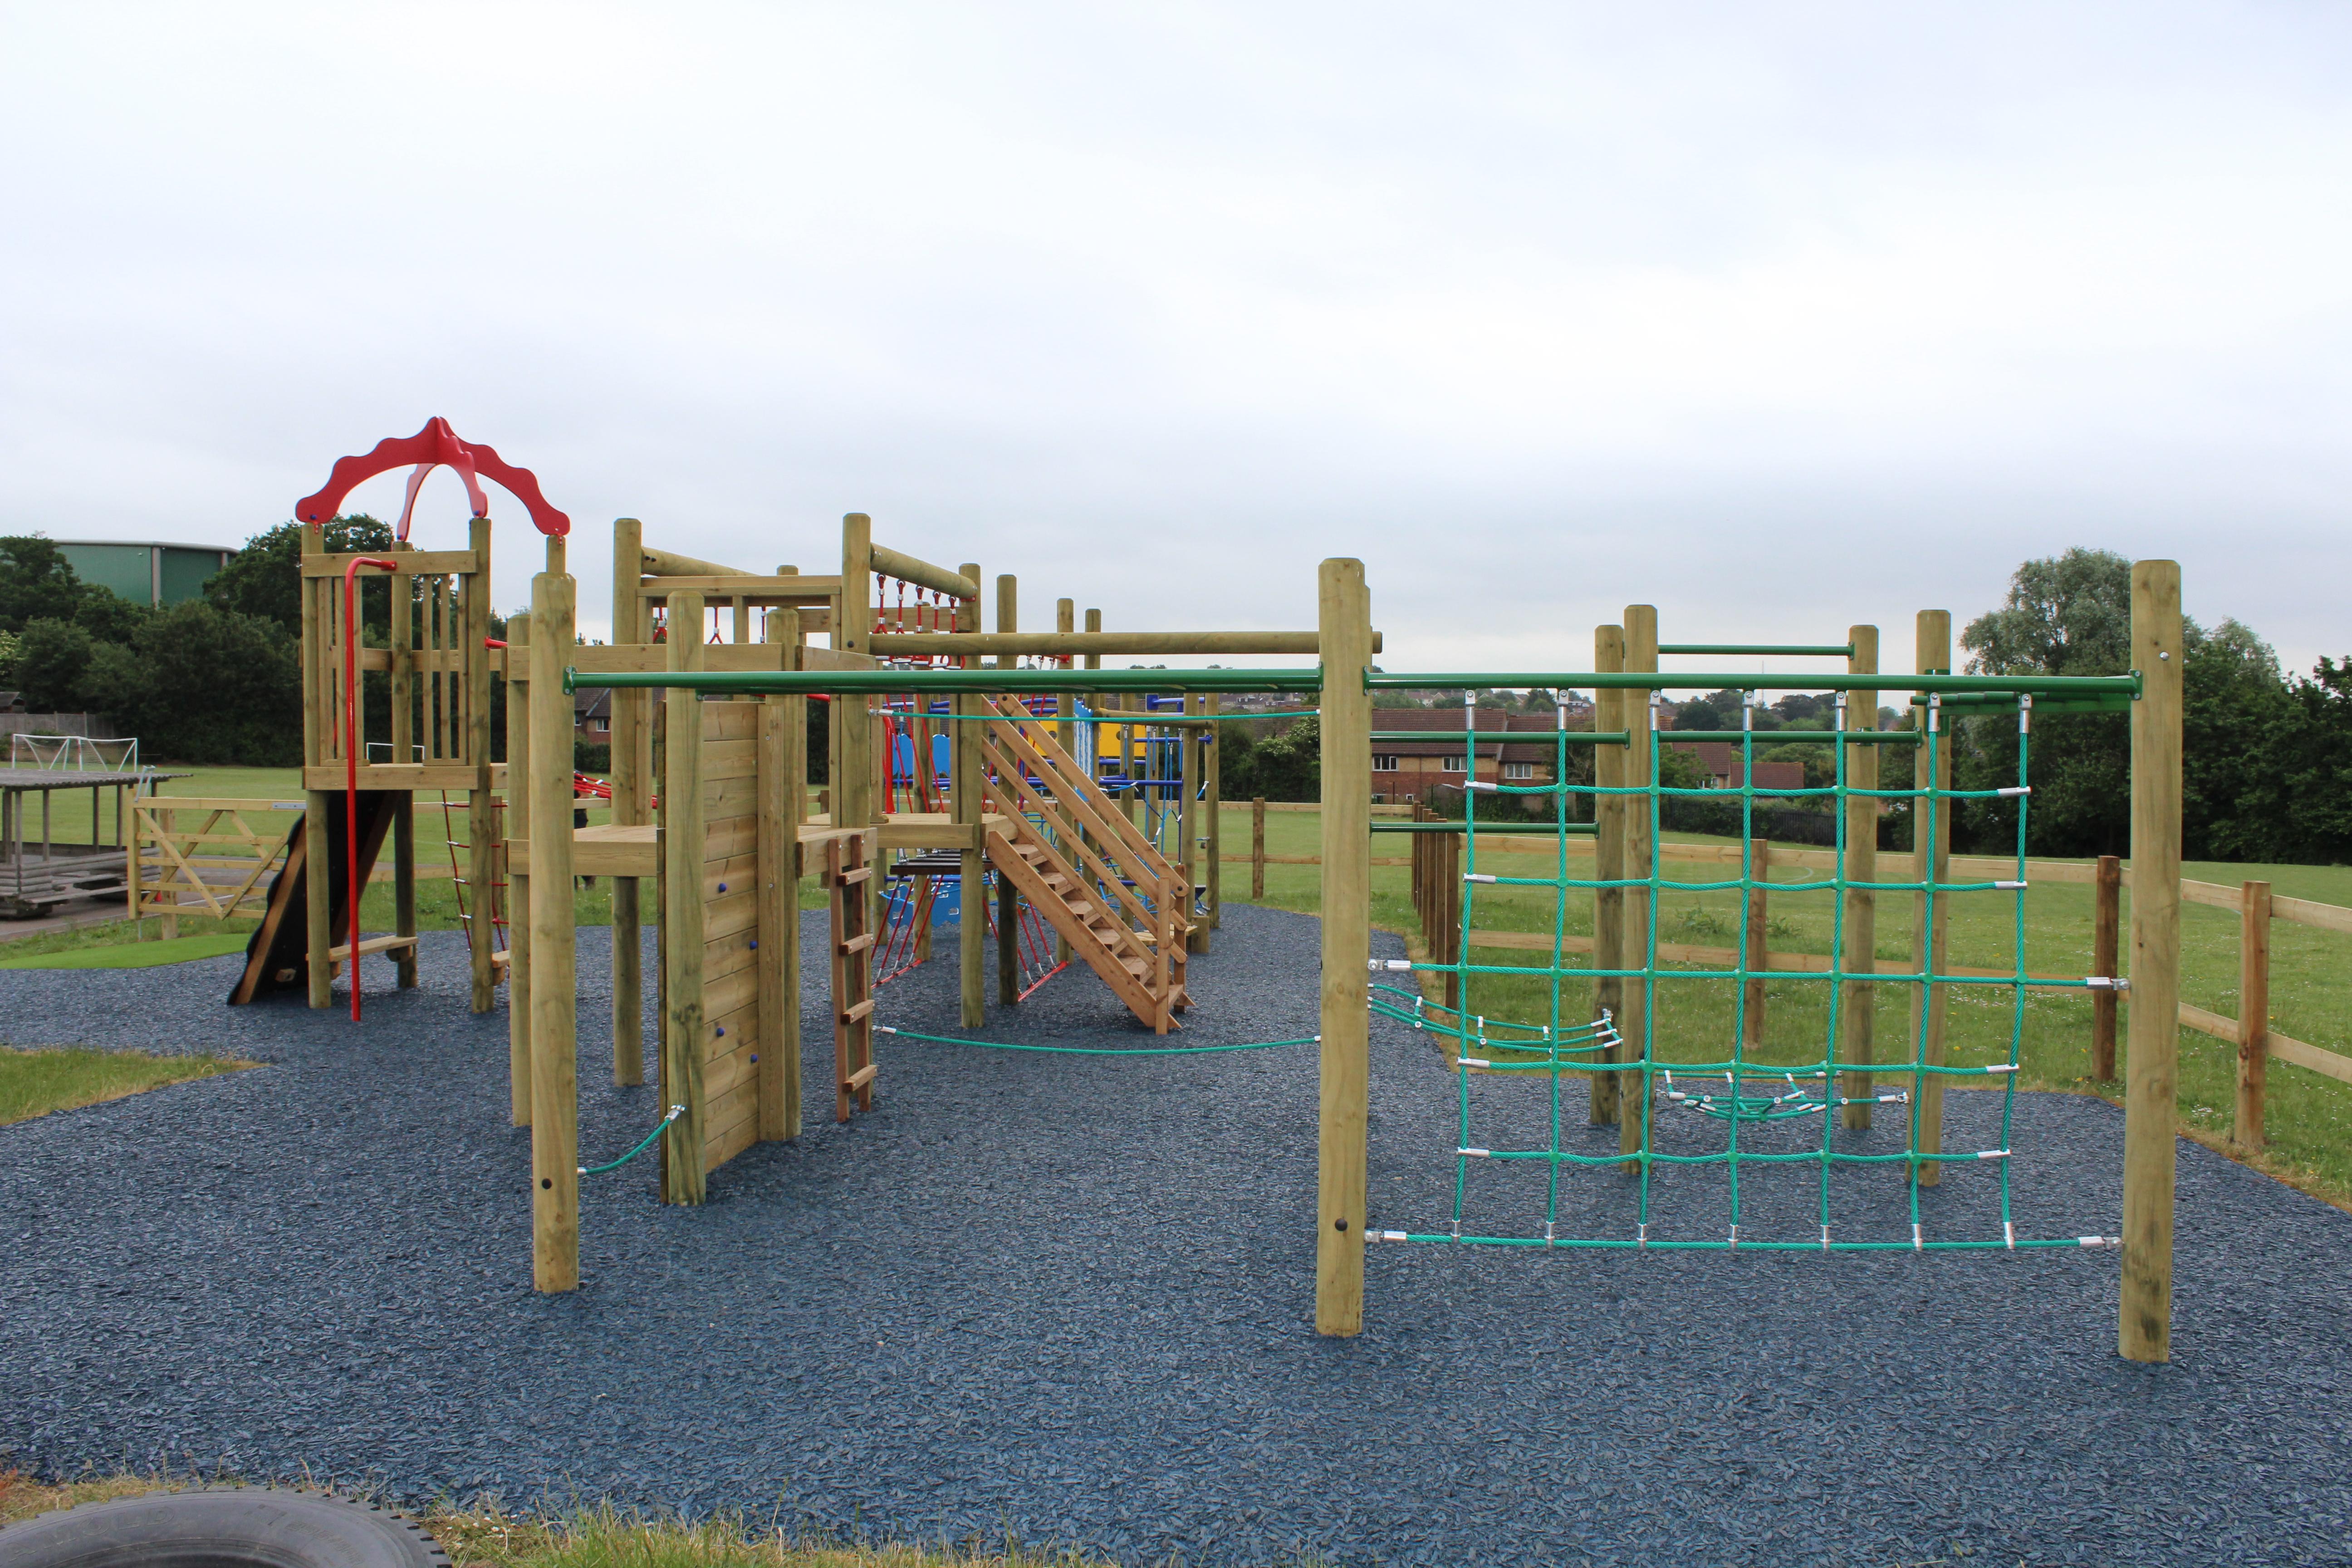 School Playground Equipment in Waltham Forest